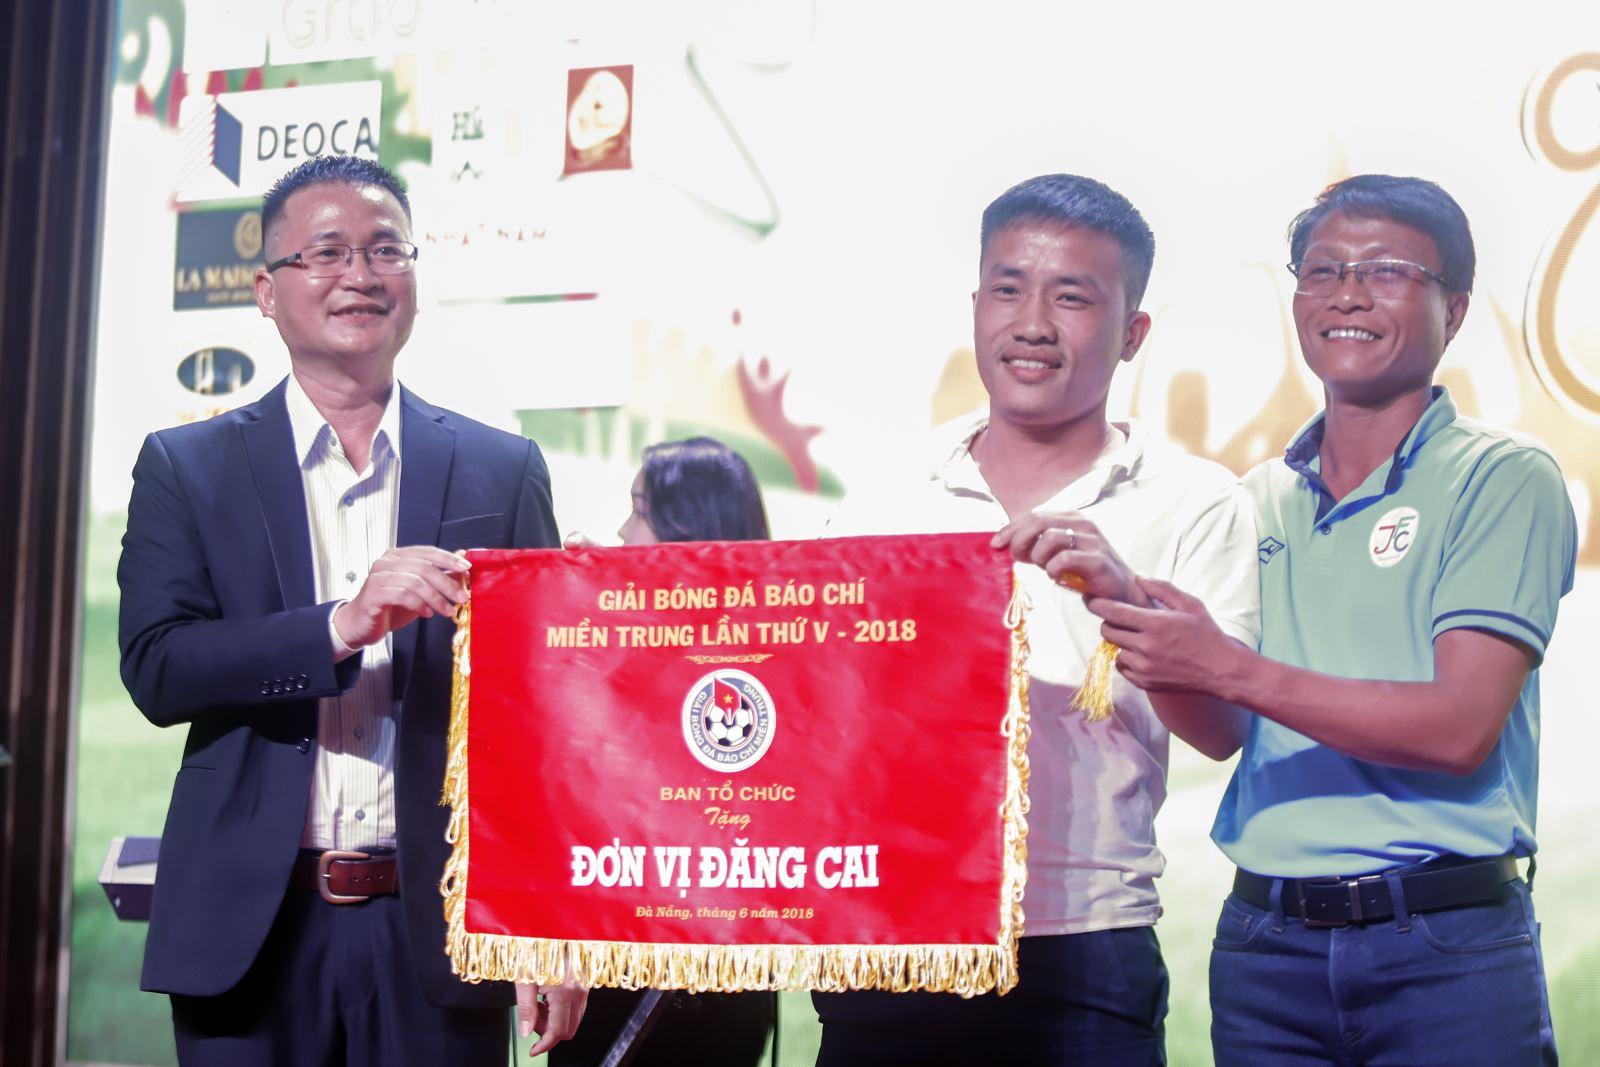 Trao Cờ đăng cai giải lần thứ VI cho Liên quân Báo chí Hà Tĩnh.